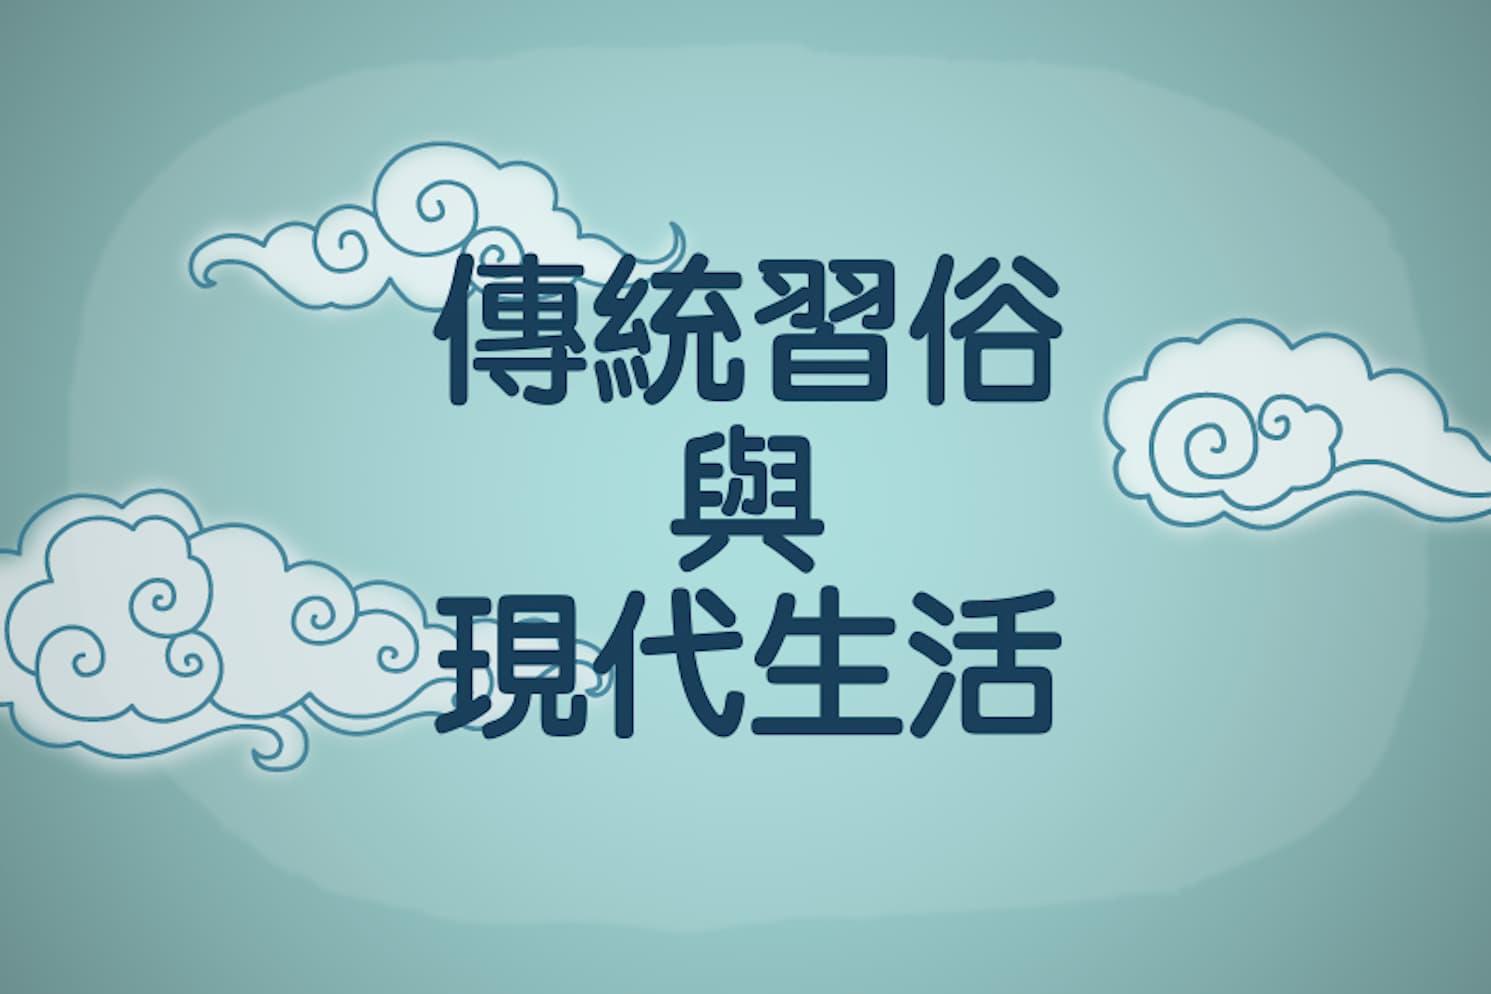 yingmukuaizhao_2020-07-31_xiawu2.26.36